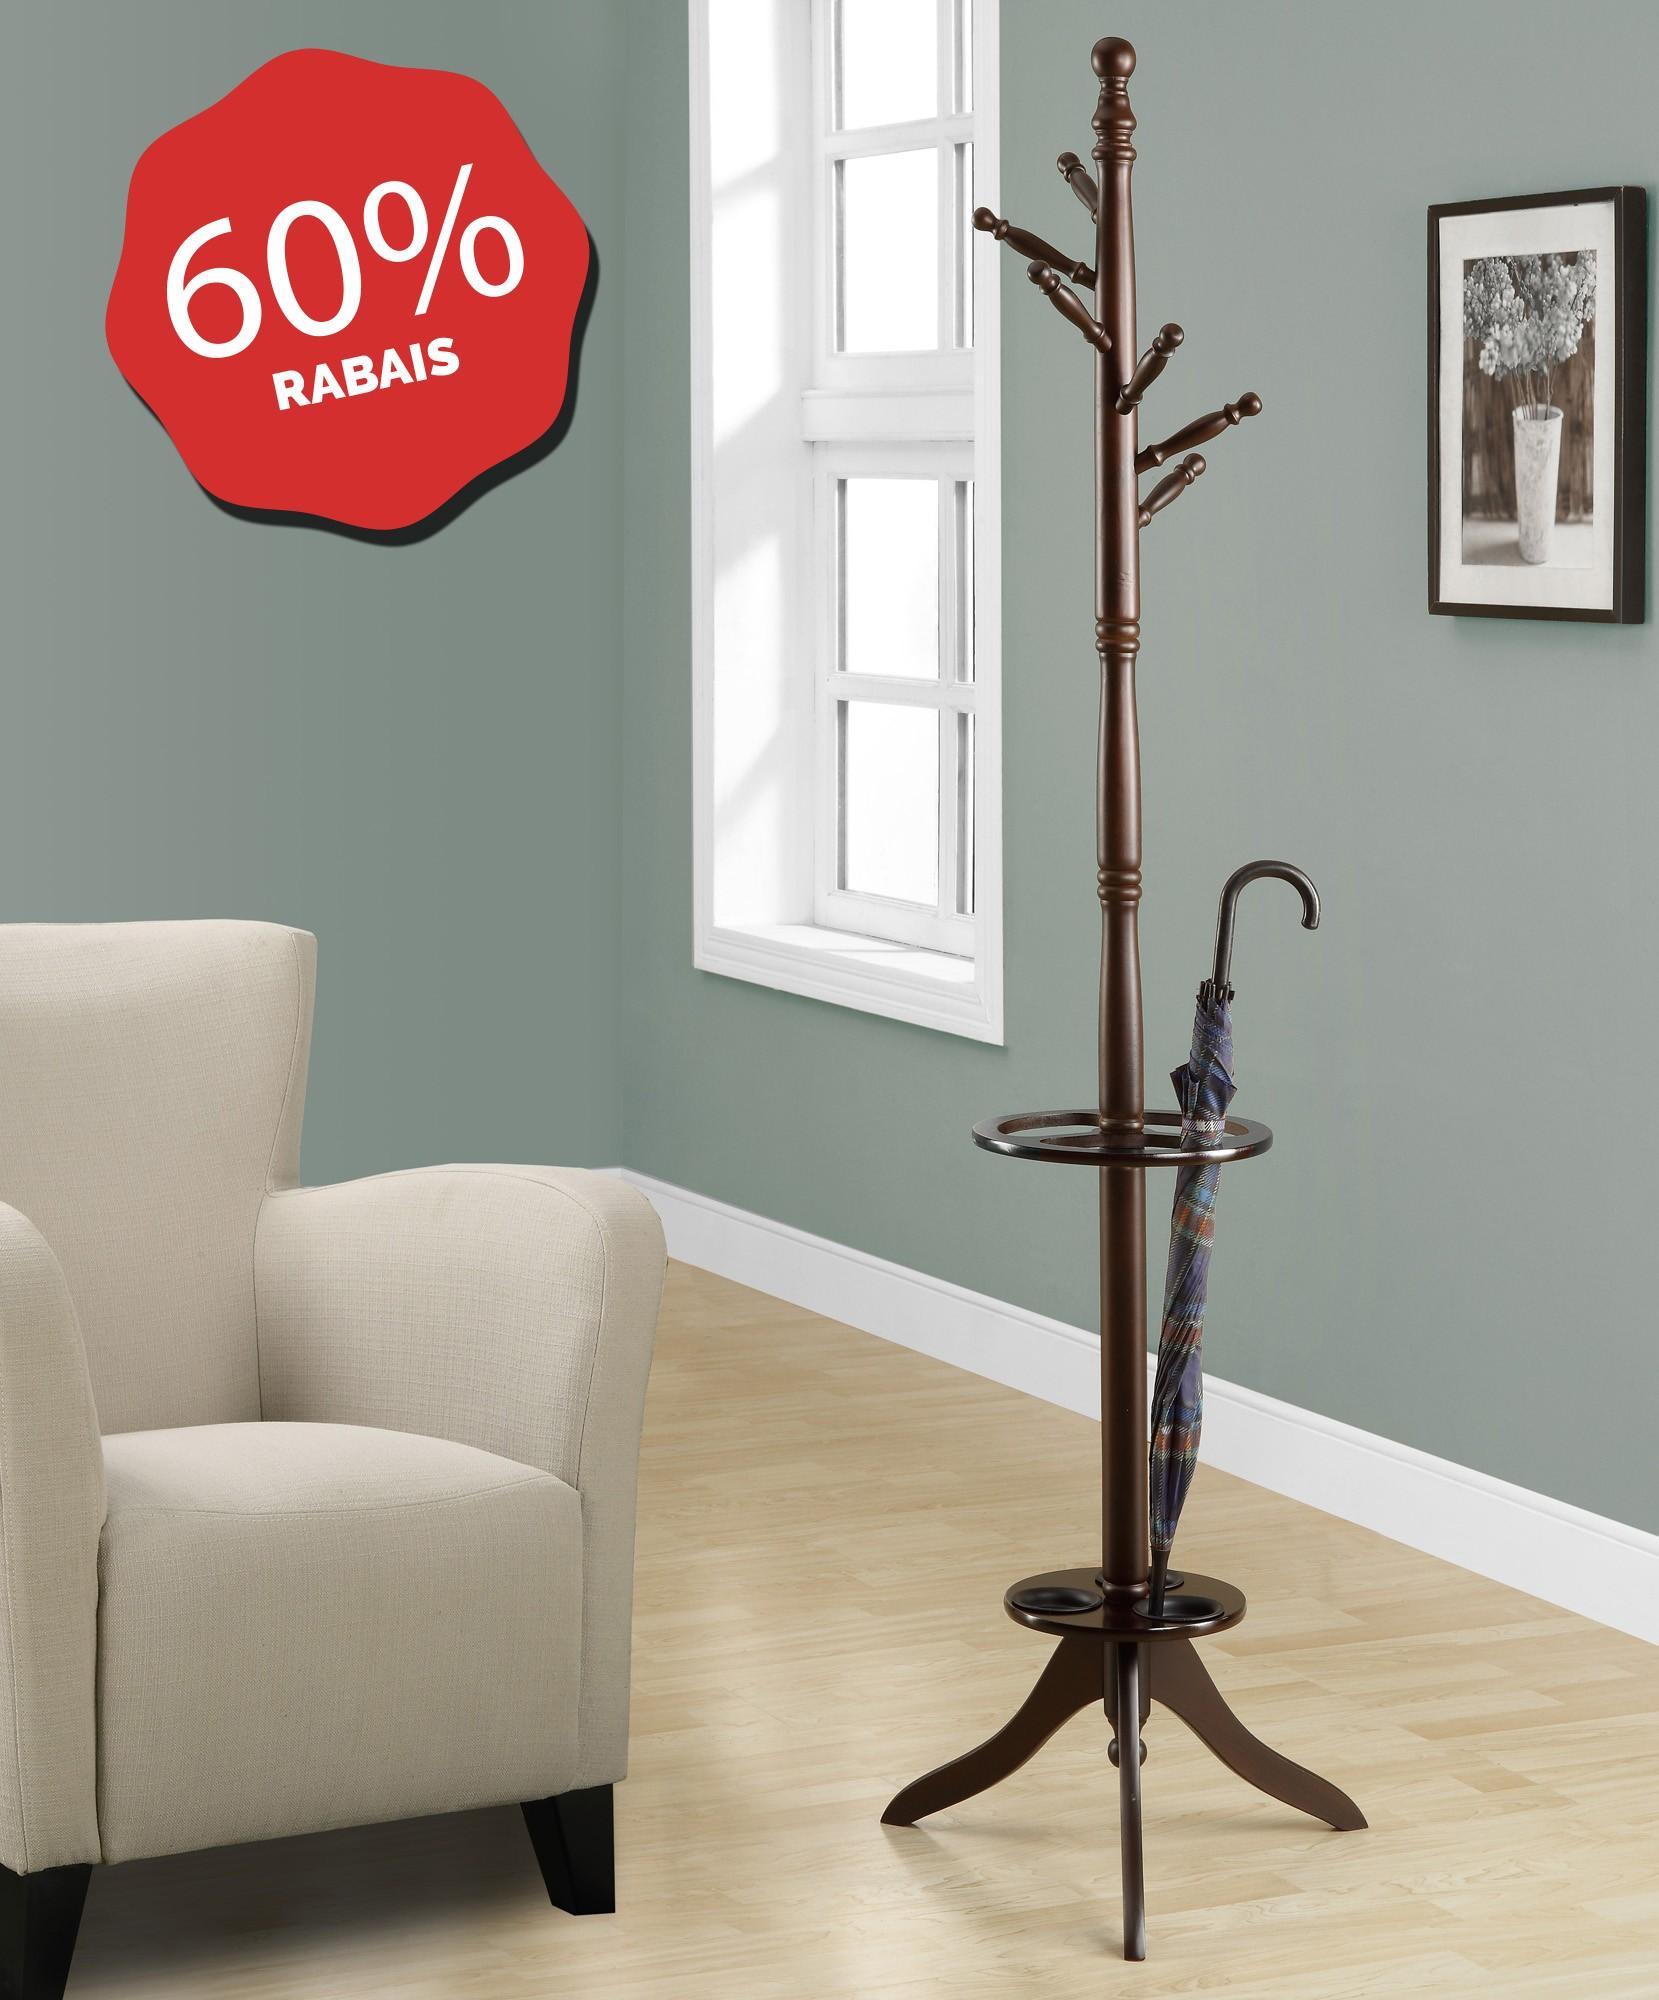 porte manteau solide bois cappuccino avec porte parapluie pool tables. Black Bedroom Furniture Sets. Home Design Ideas